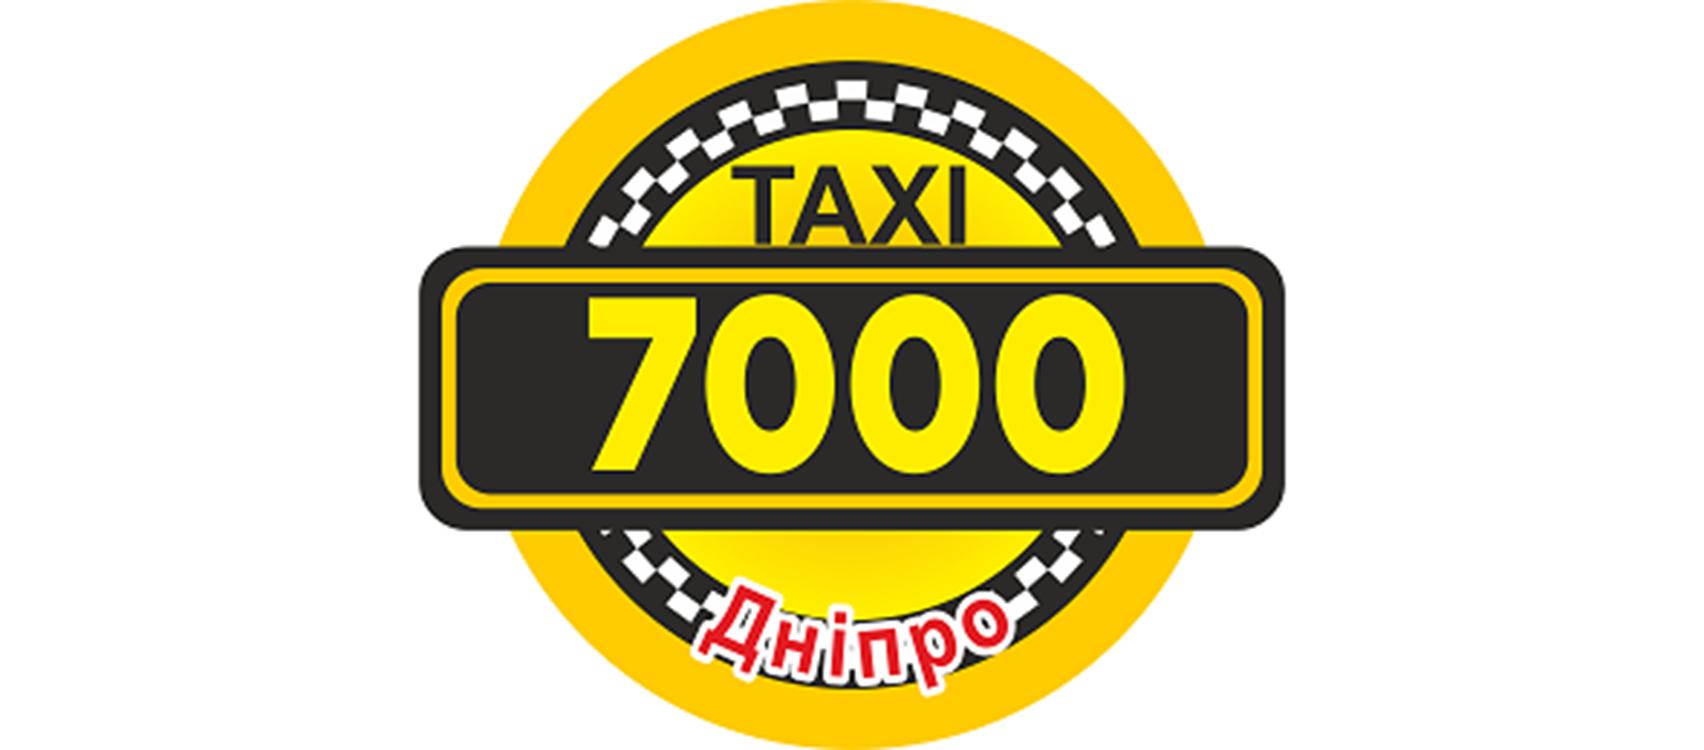 Таксі Економ 7000  (Дніпро)